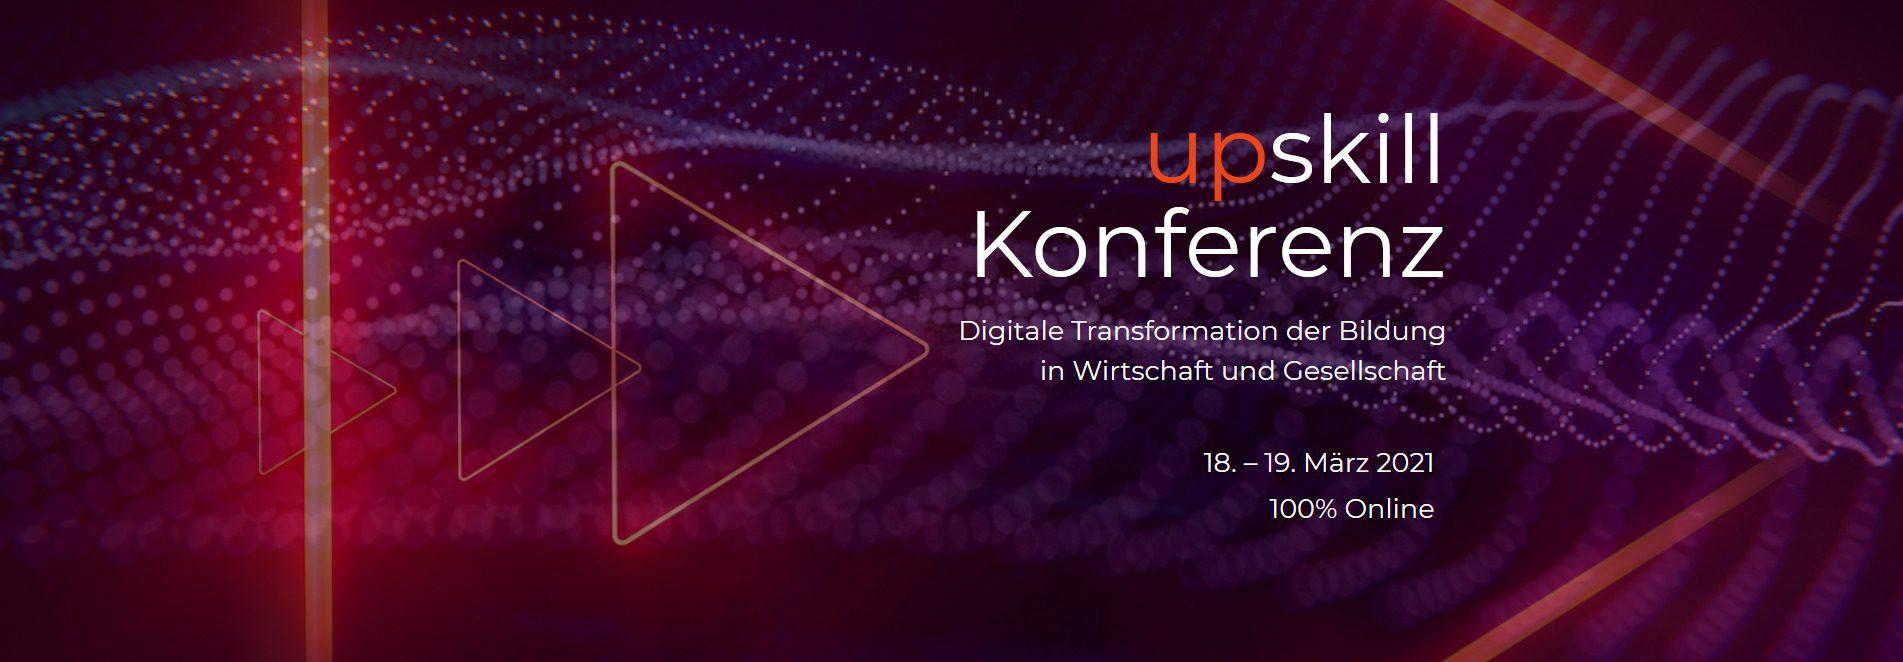 upskill Konferenz